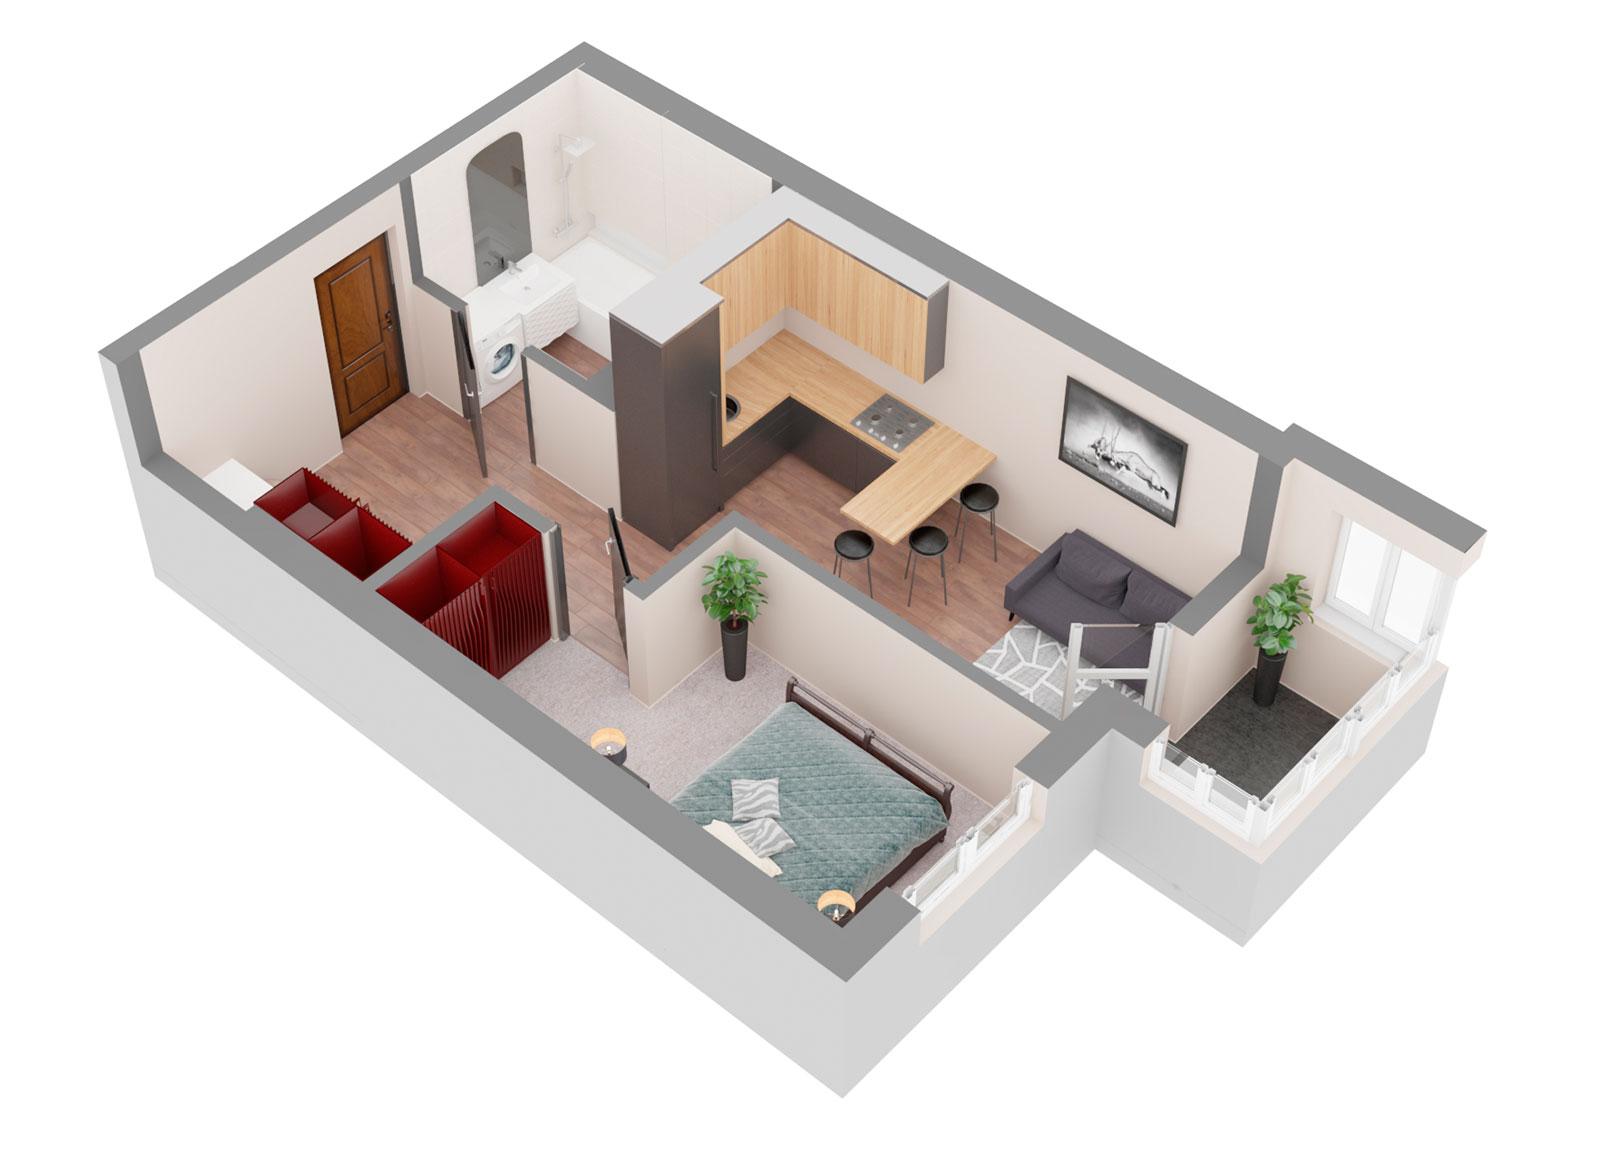 Продажа новая однокомнатная квартира планировка 1Л от застройщика в ЖК 4U улица Наумова Киев. Агентство недвижимости